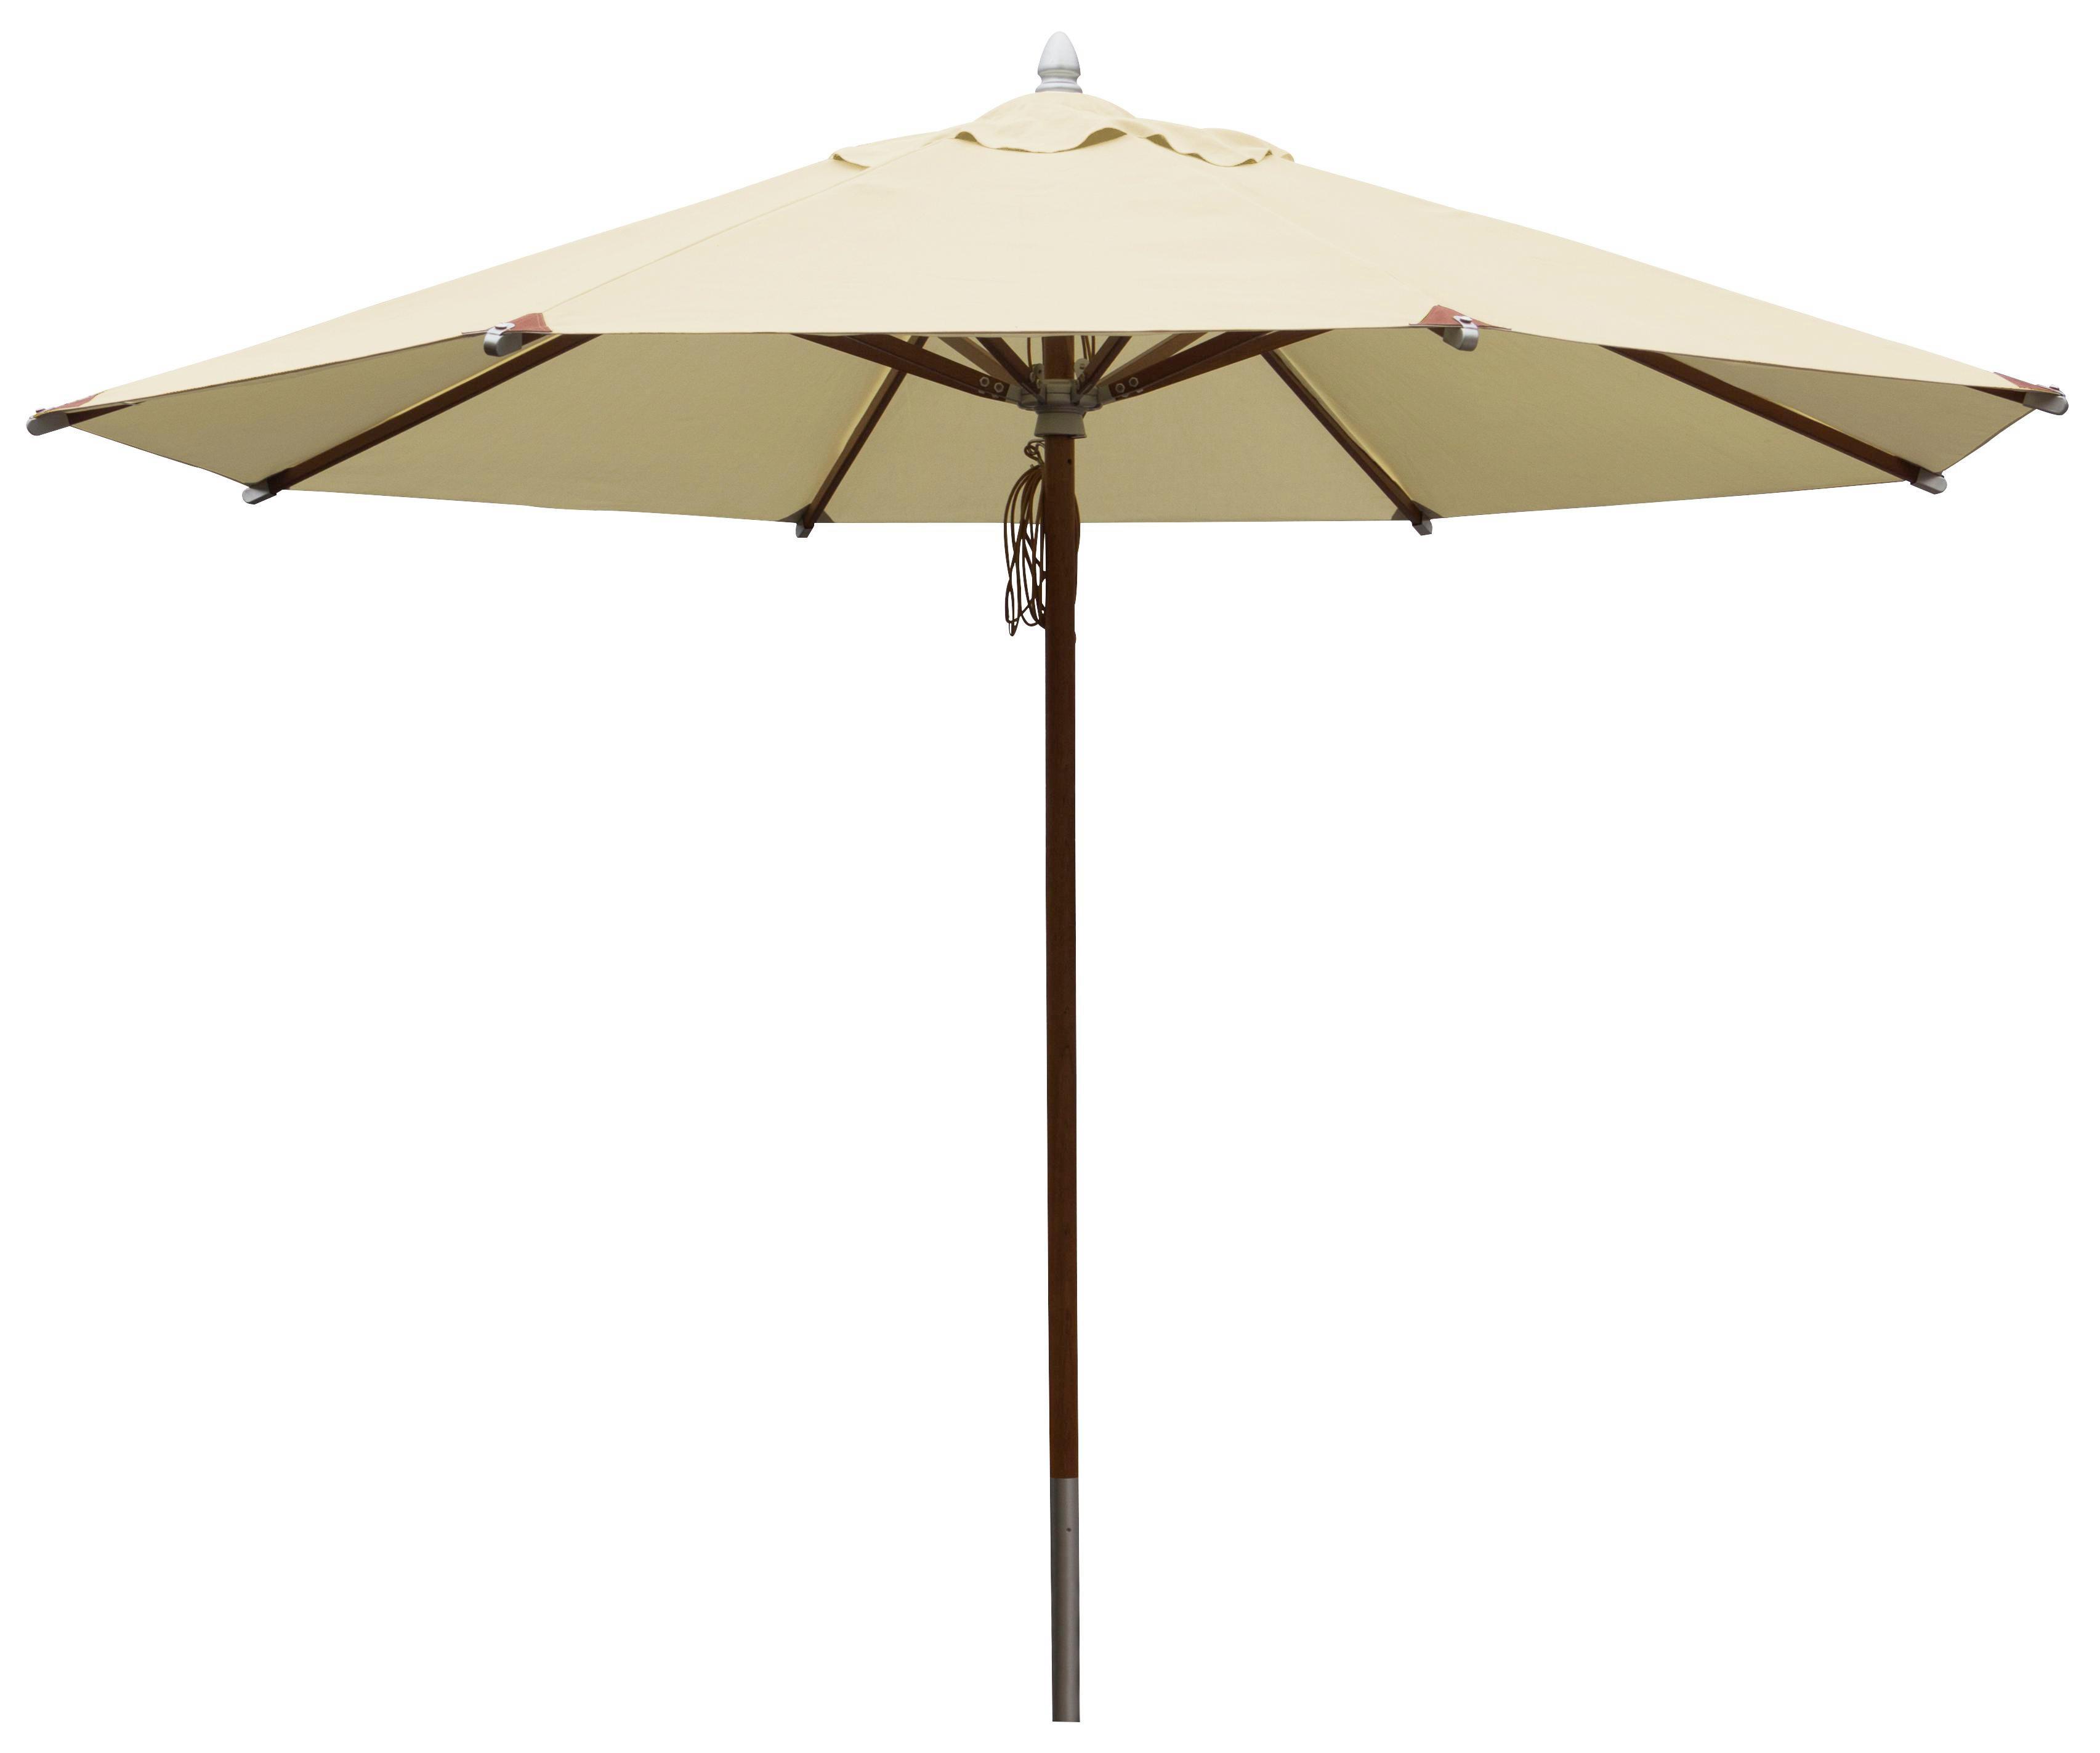 SONNENSCHIRM - Beige/Braun, Design, Holz/Textil (330/270cm)